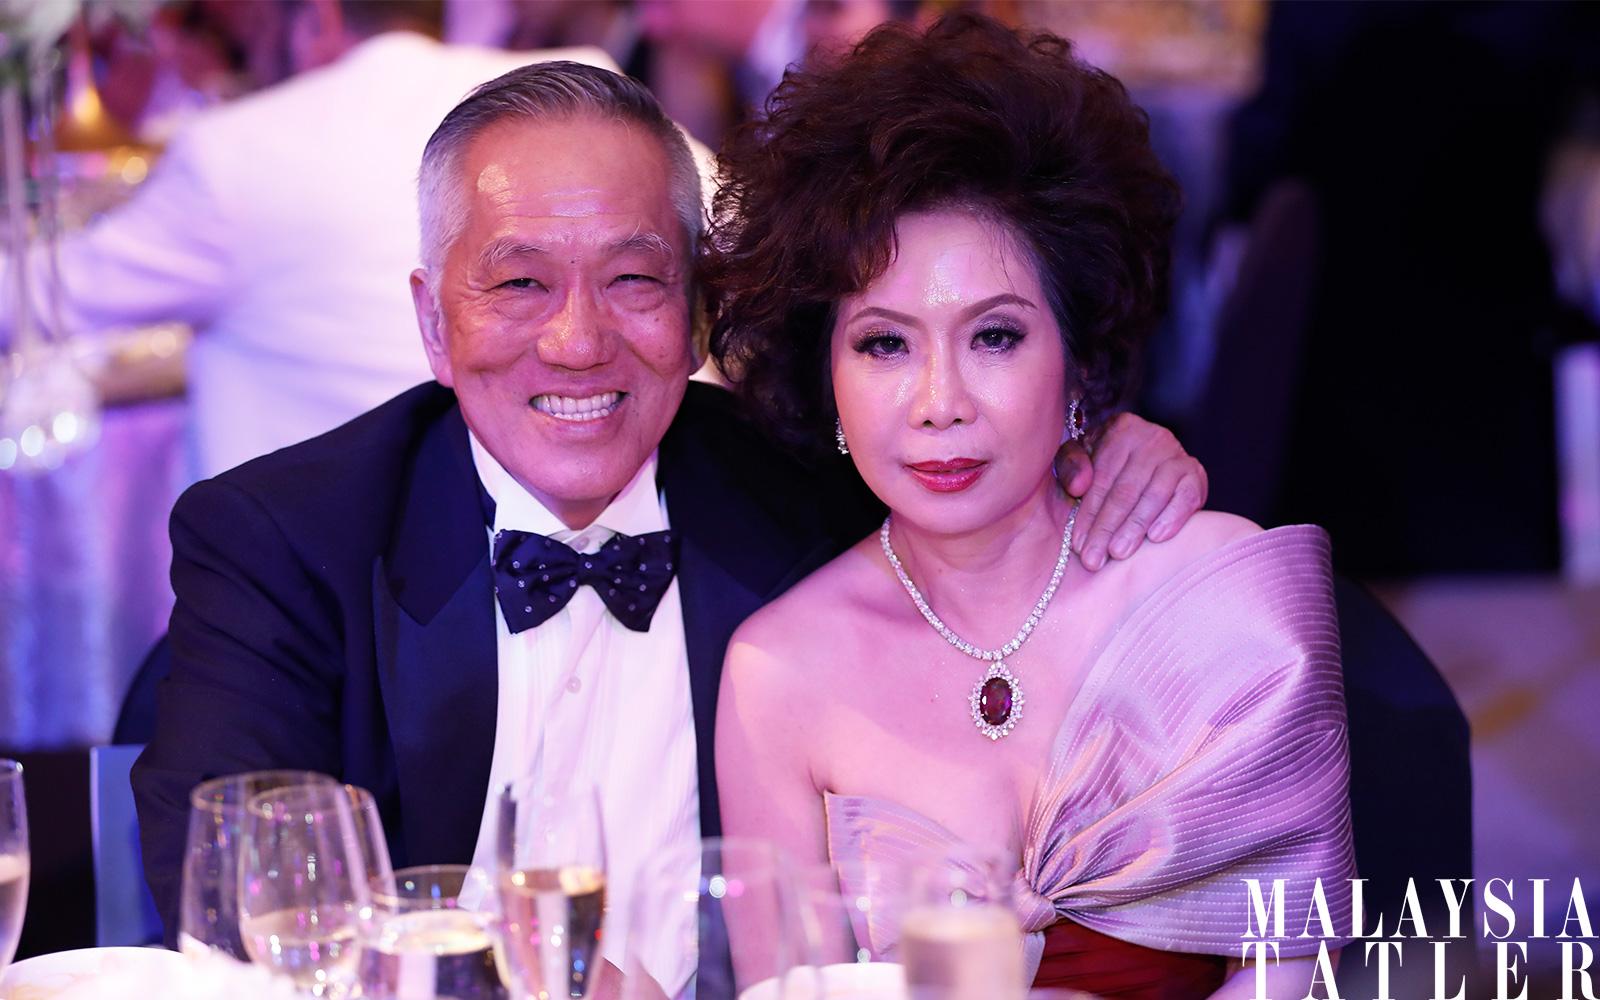 Dato' Sri Yap Teiong Choon and Datin Sri Barbara Yap